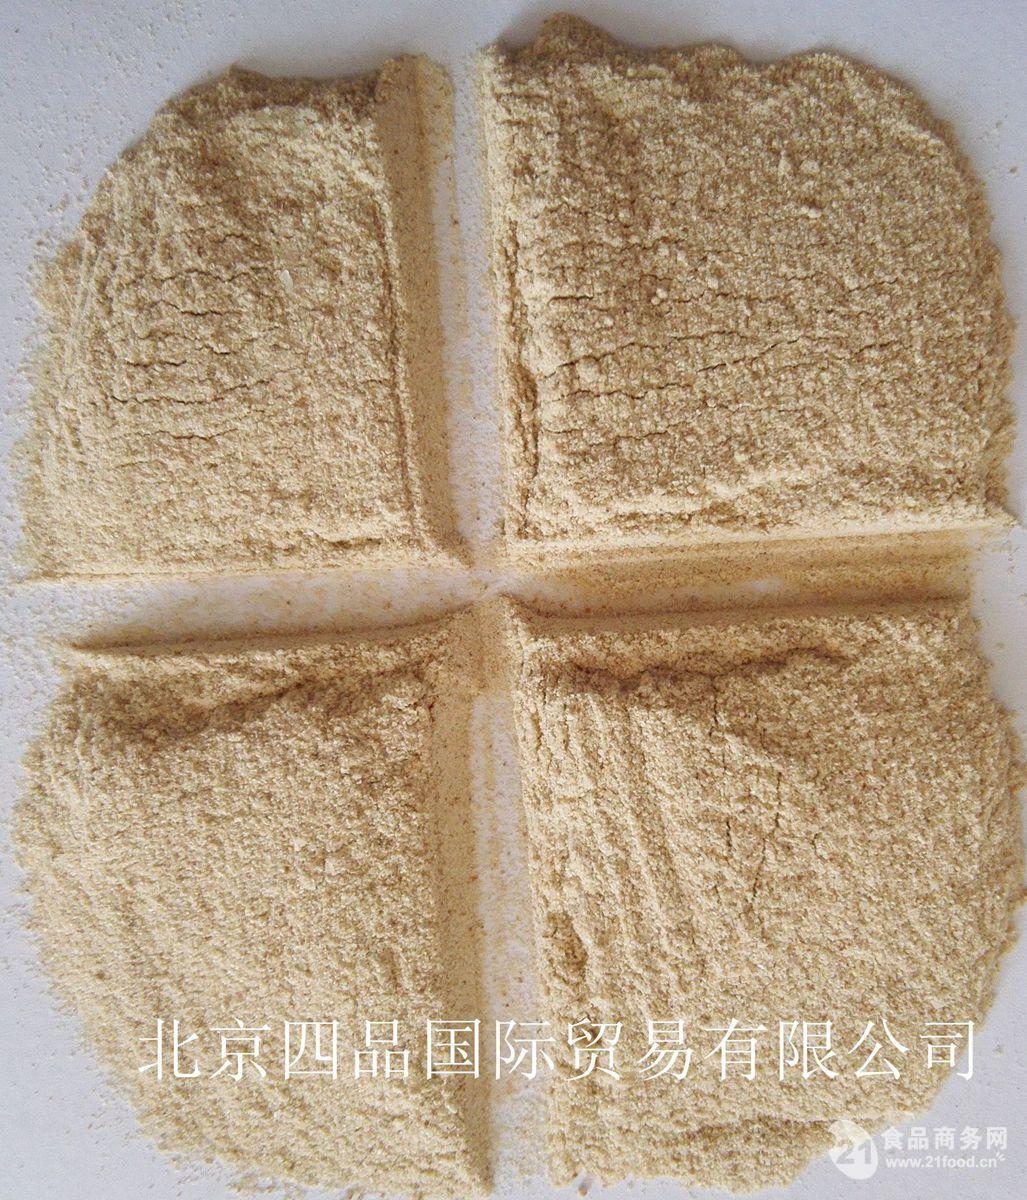 圆苞车前子壳粉85%